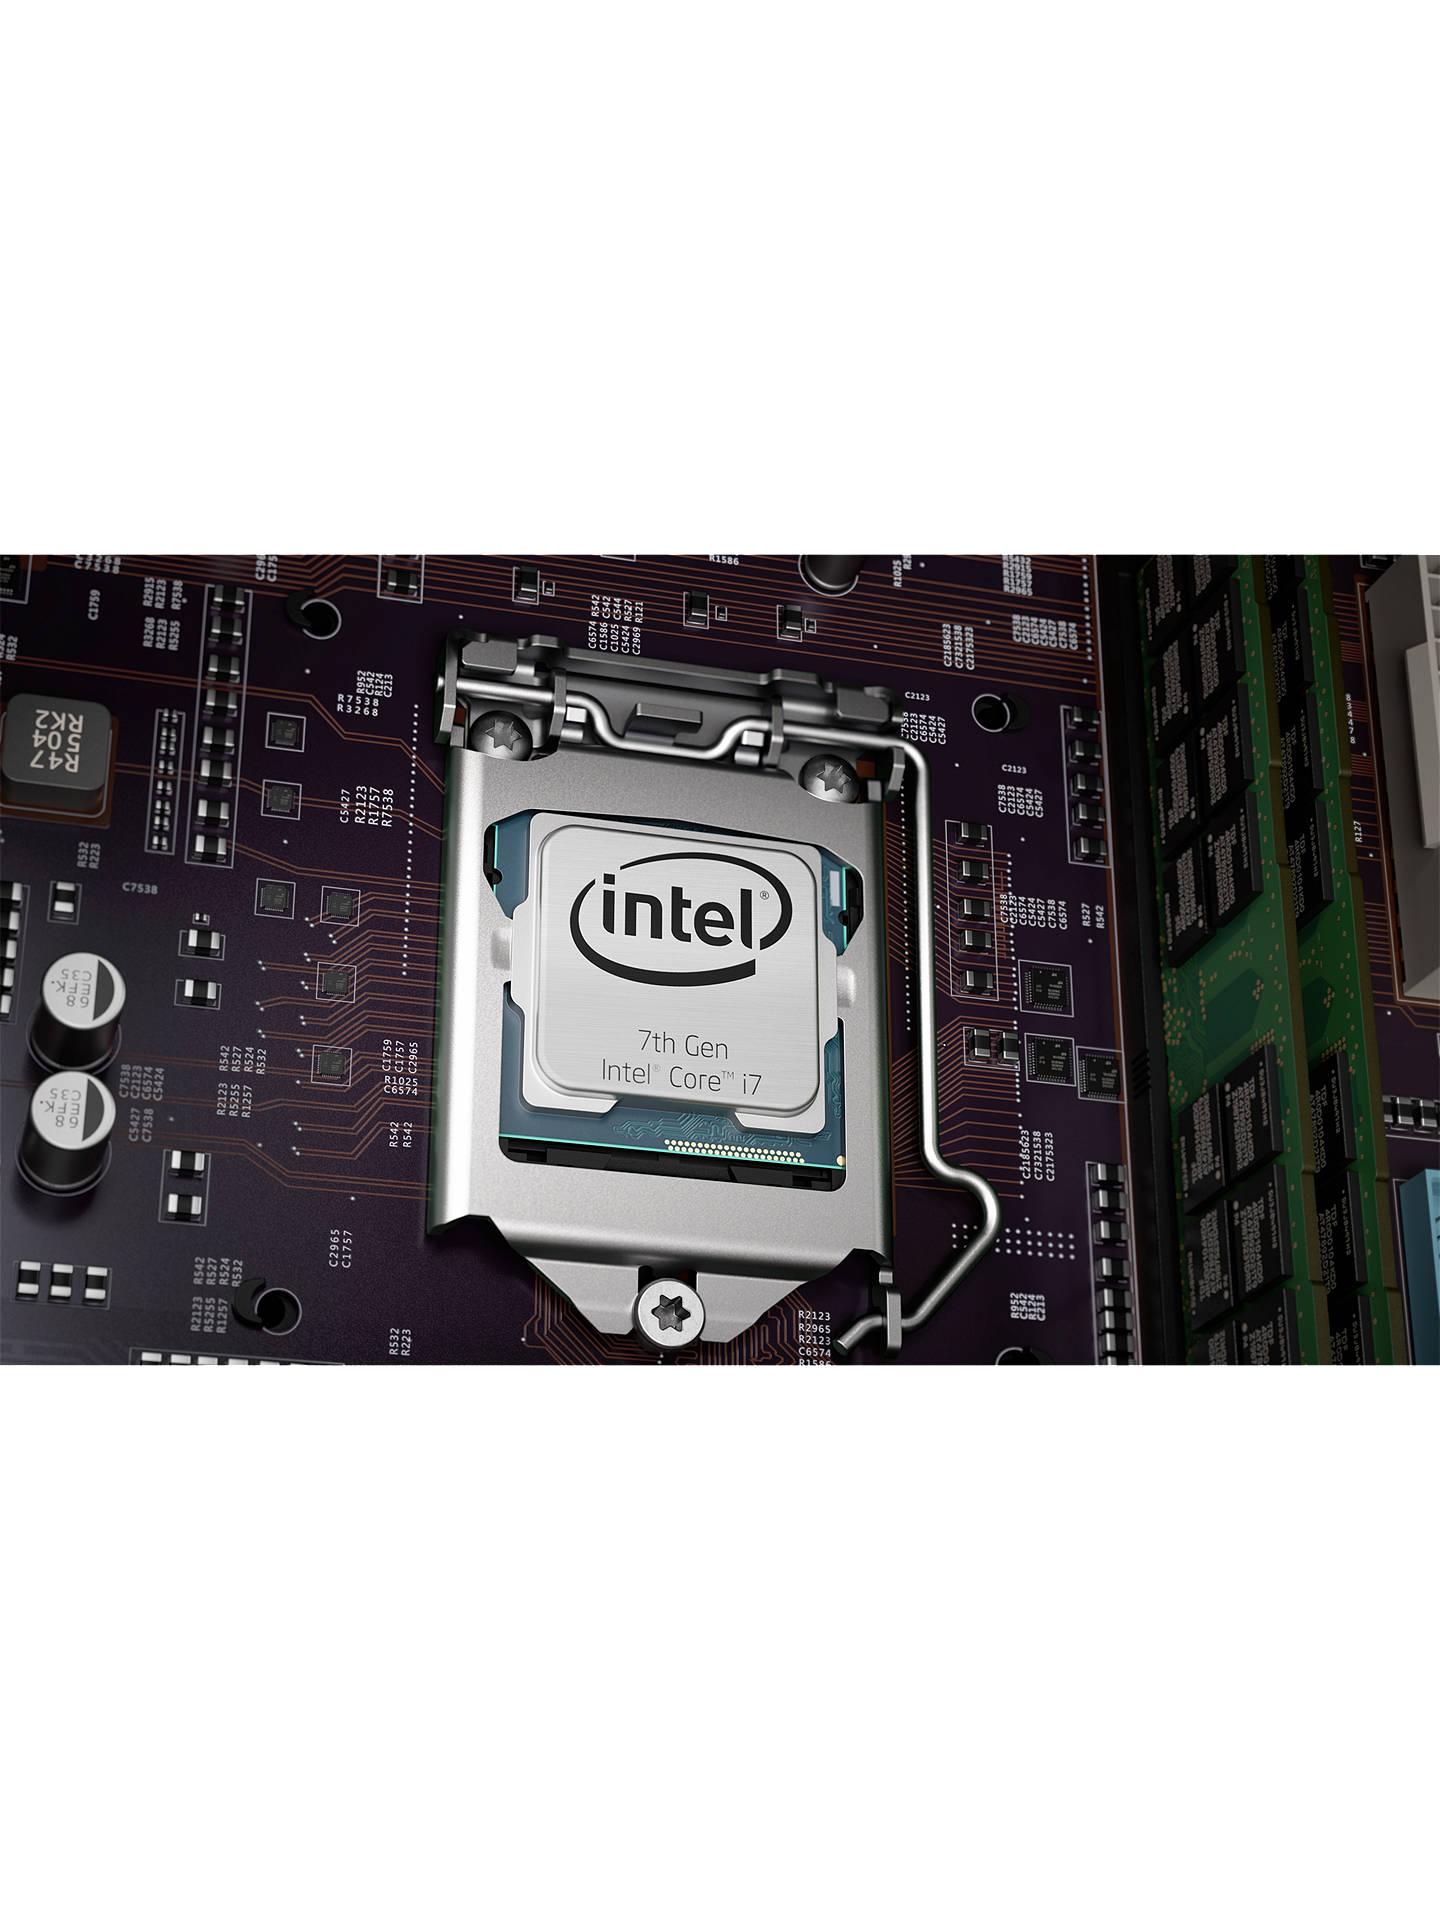 Lenovo Legion Y520 90JB0018UK Gaming PC, Intel Core i7, 8GB RAM + 16GB  Intel Optane Memory, 2TB HDD, GeForce GTX 1060, Black